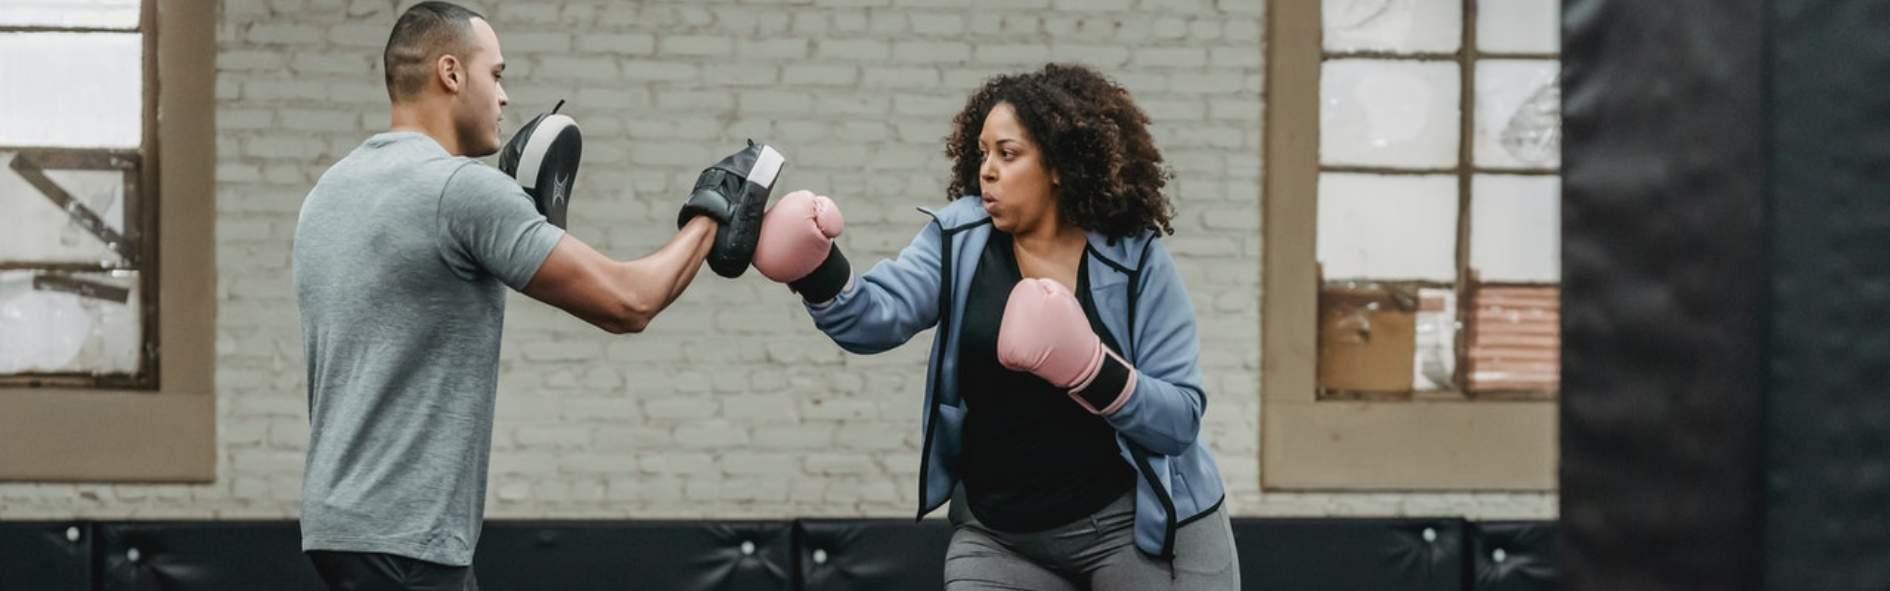 Descubre la importancia de la motivación en el deporte para alcanzar metas